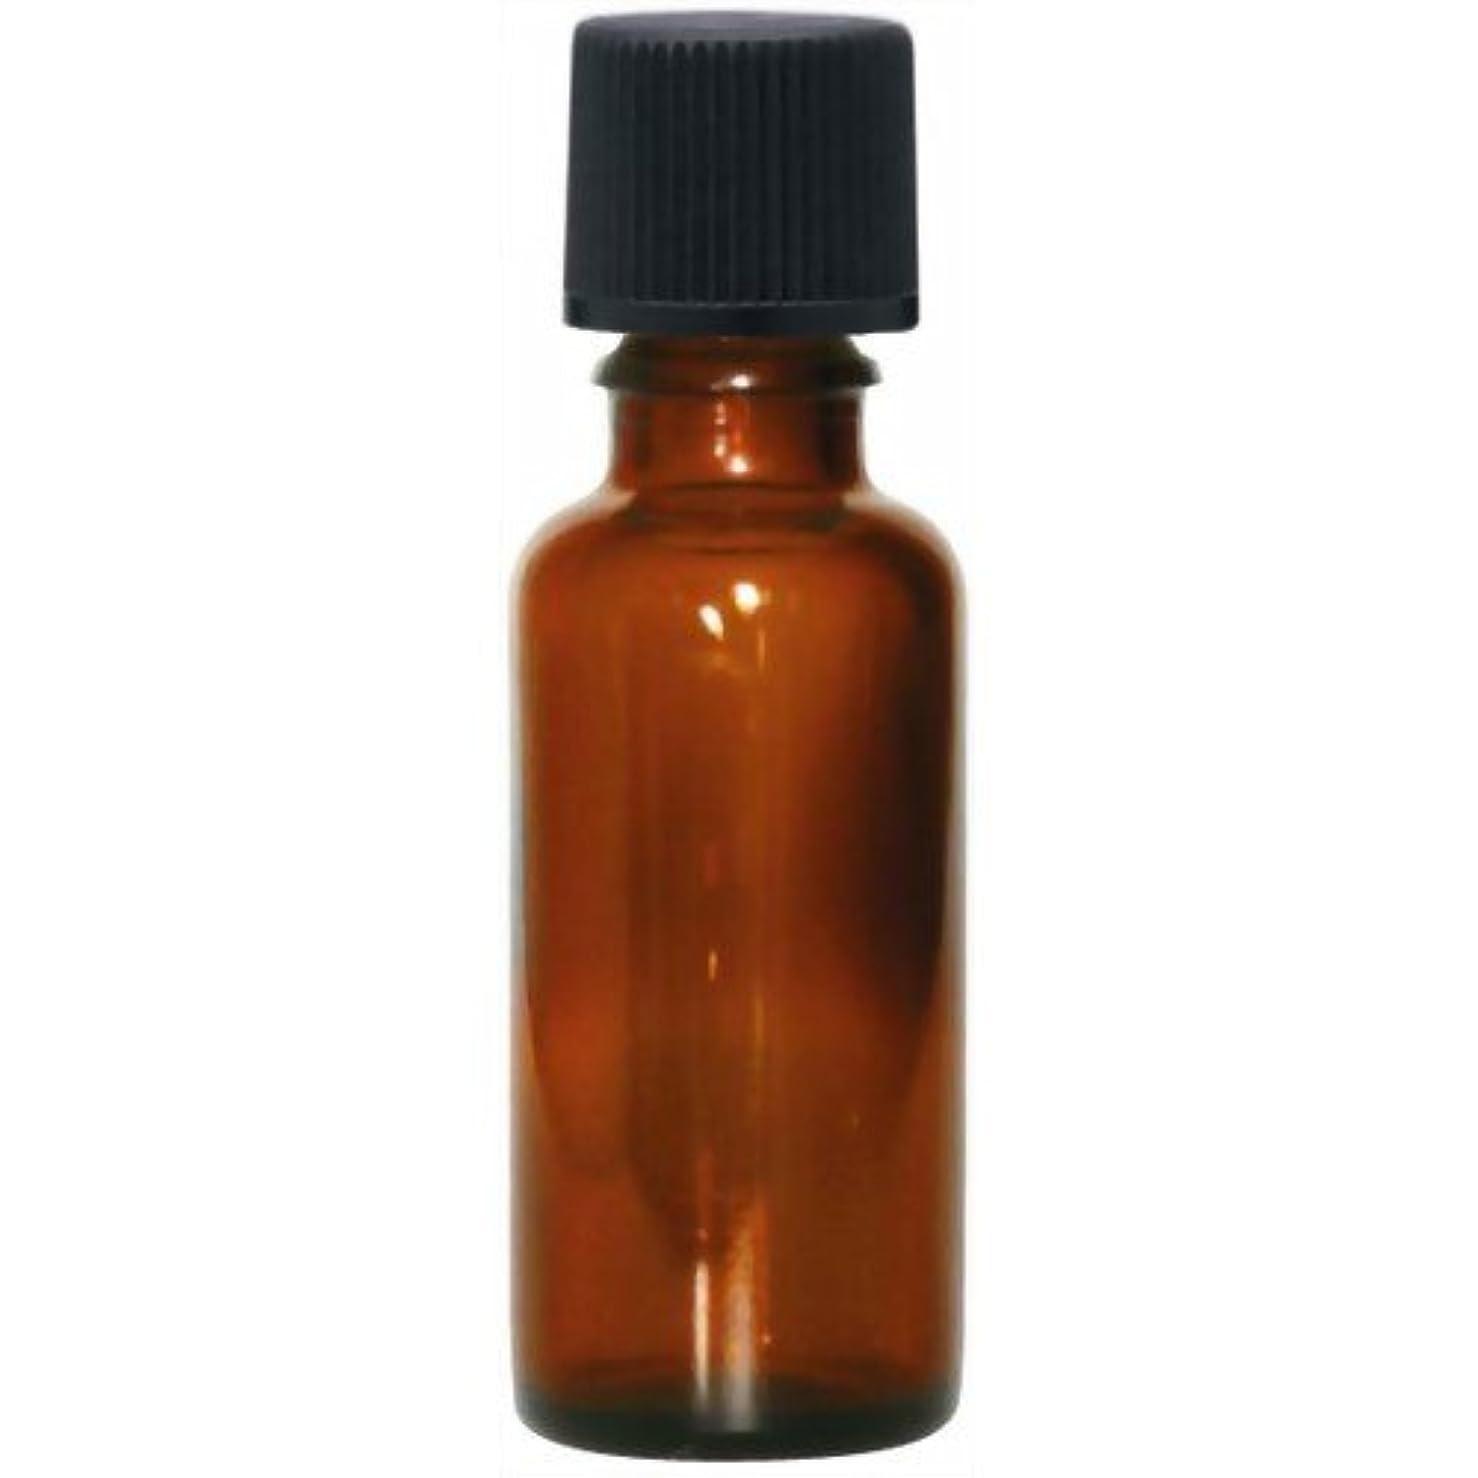 呼吸するただ全部茶色遮光瓶30ml(黒キャップ)